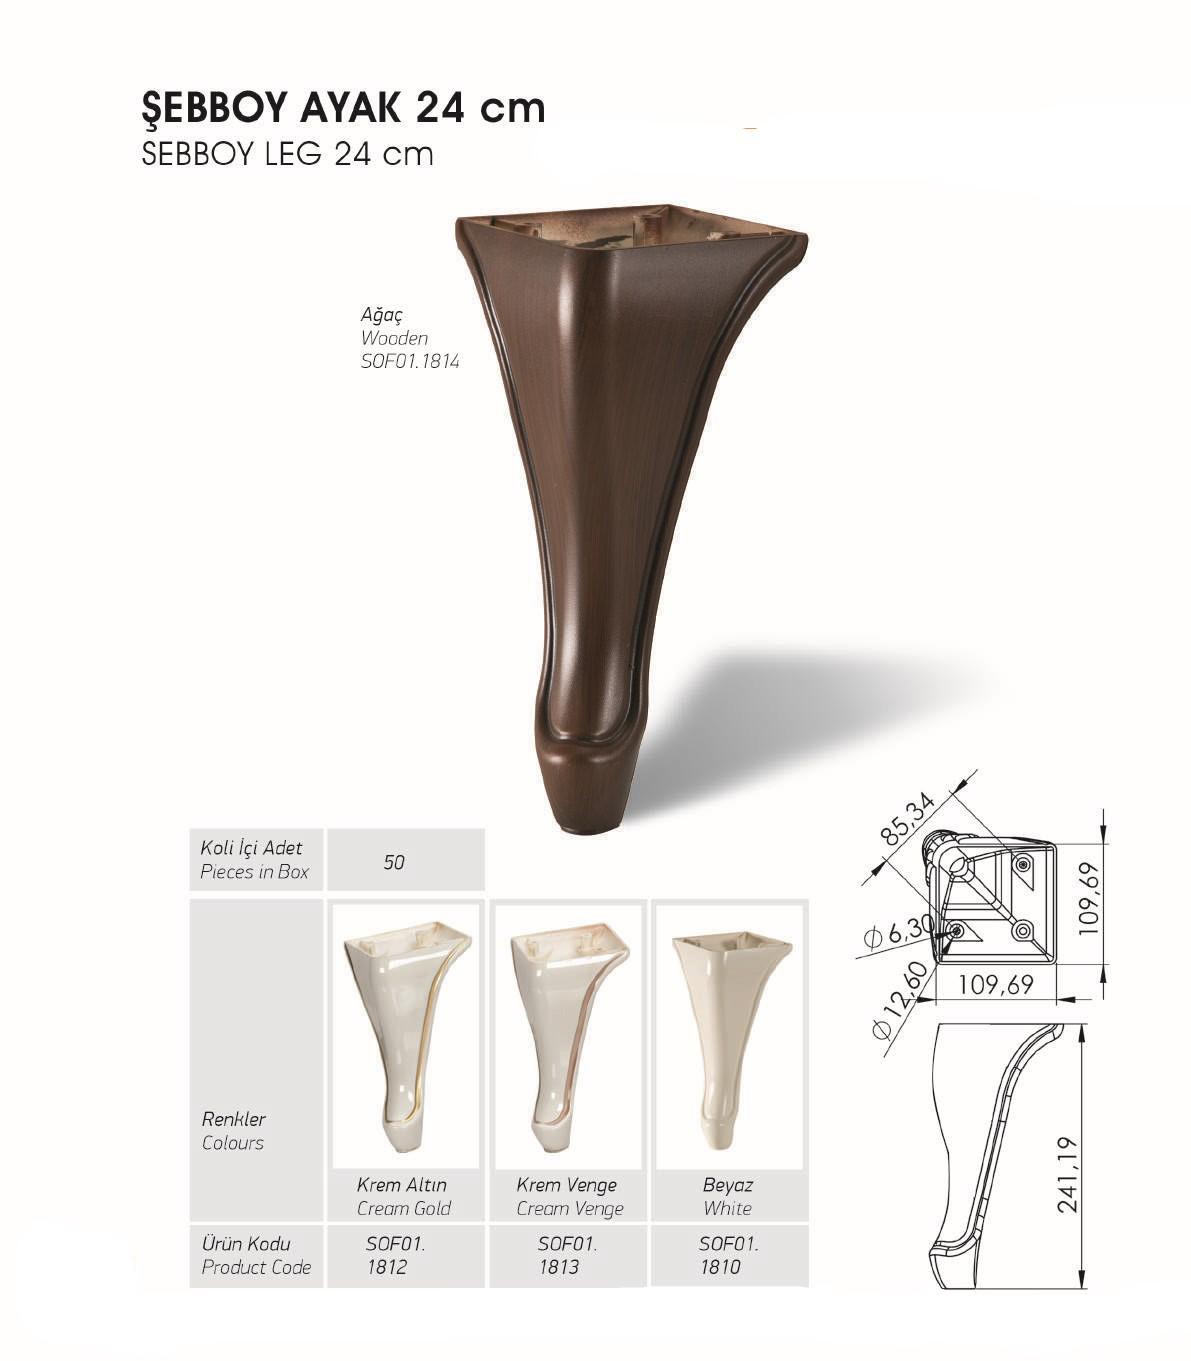 Sebboy Ayak 24 cm